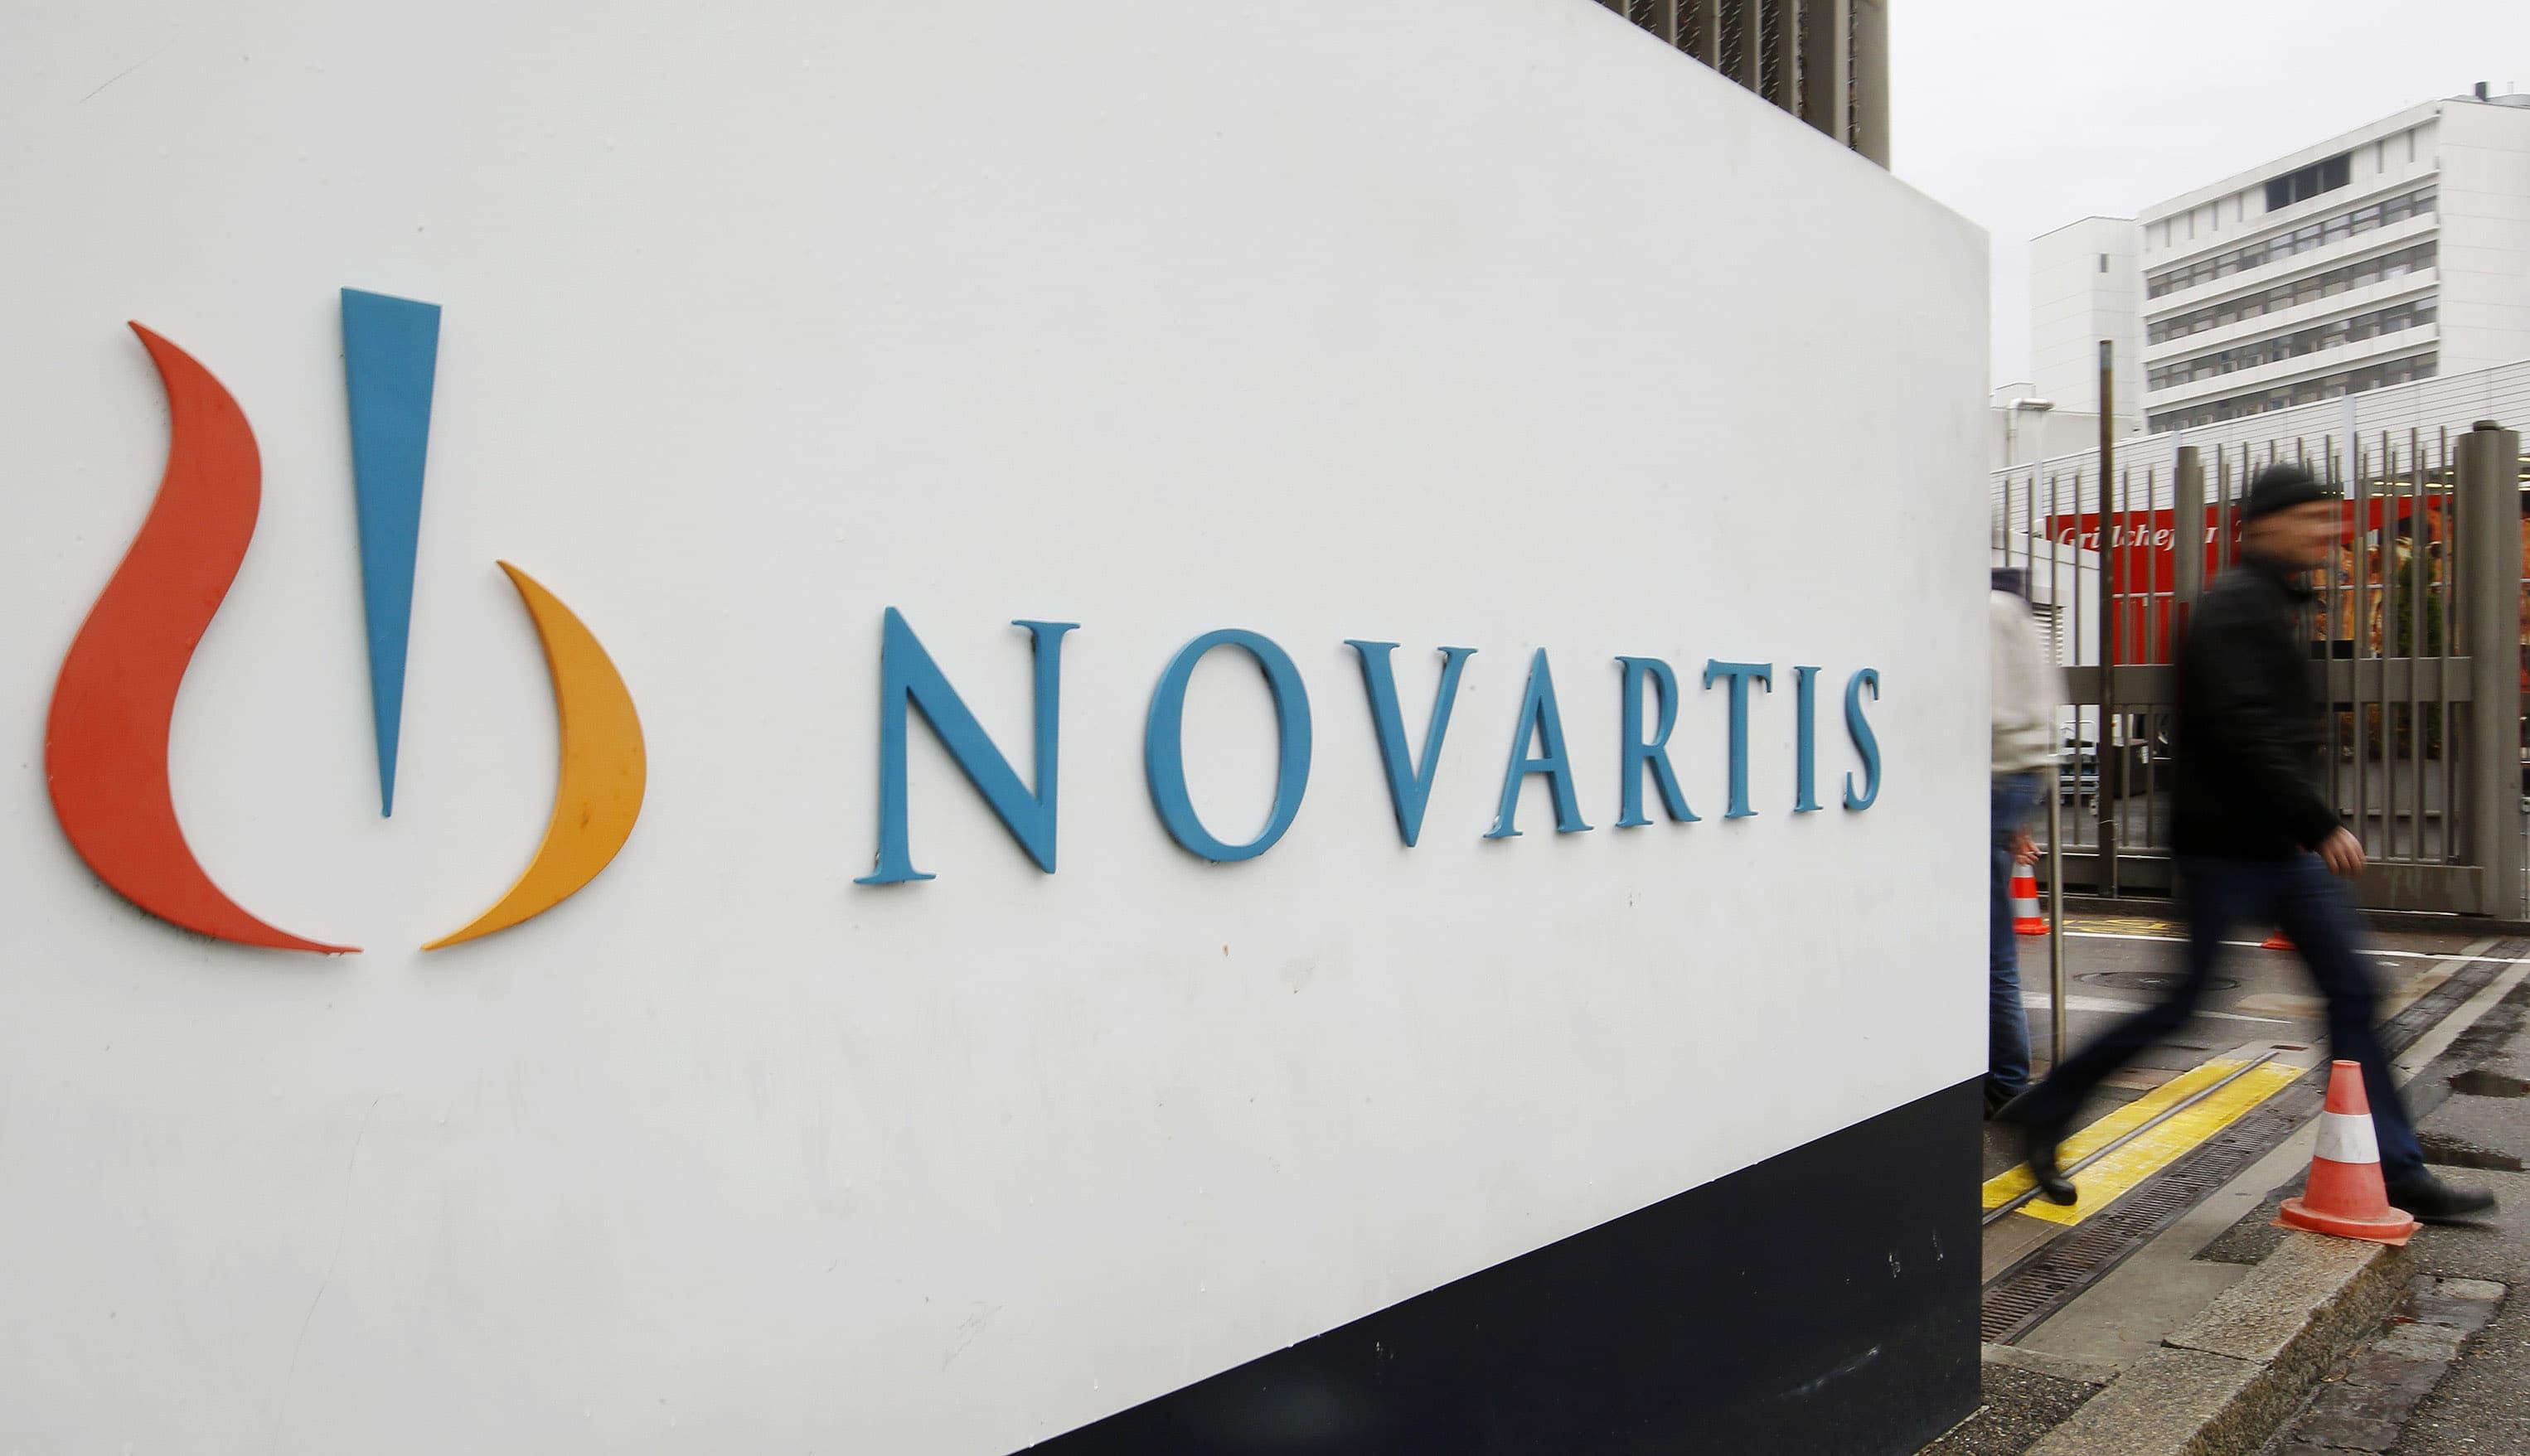 Novartis: assunzioni in Italia. Ecco dove inviare il proprio CV